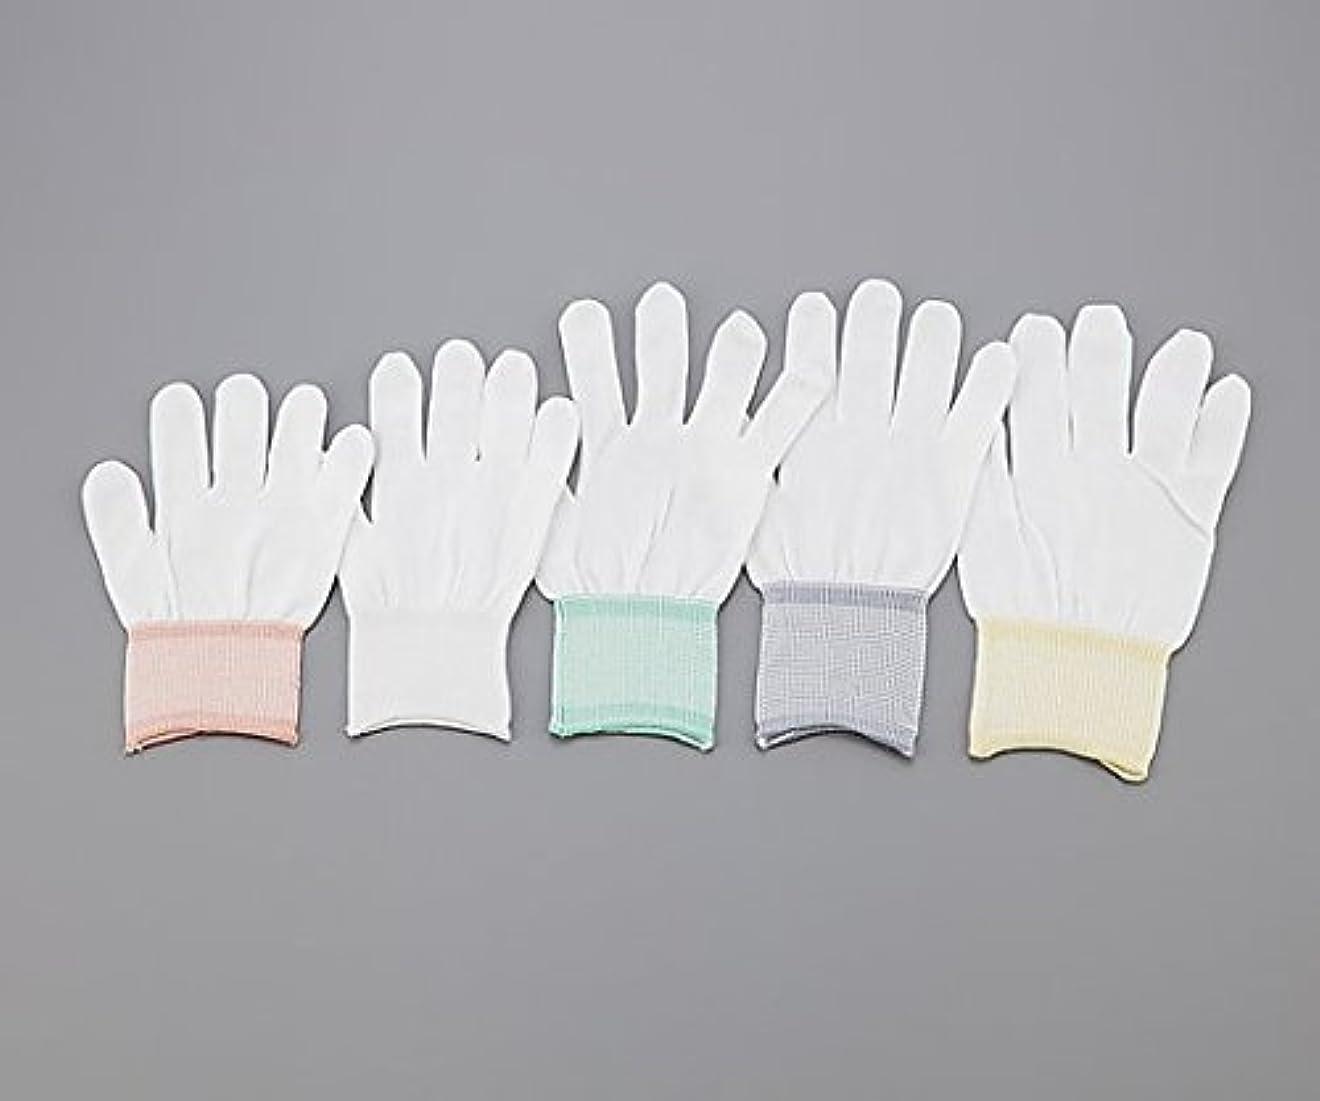 アズピュア(アズワン)1-4294-02アズピュアインナー手袋指先有りM10双20枚